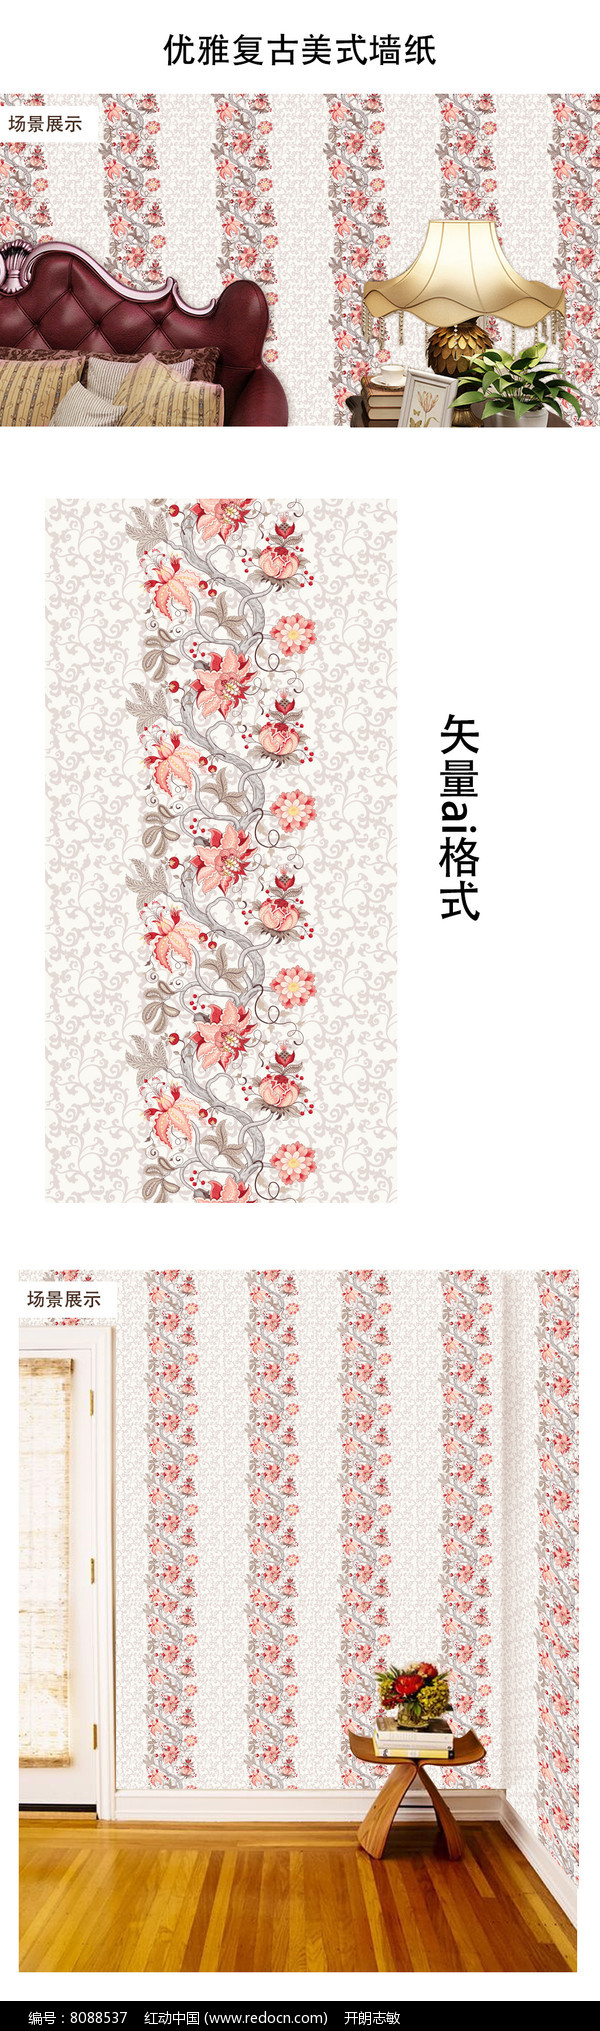 手绘复古花朵美式墙纸壁纸图片